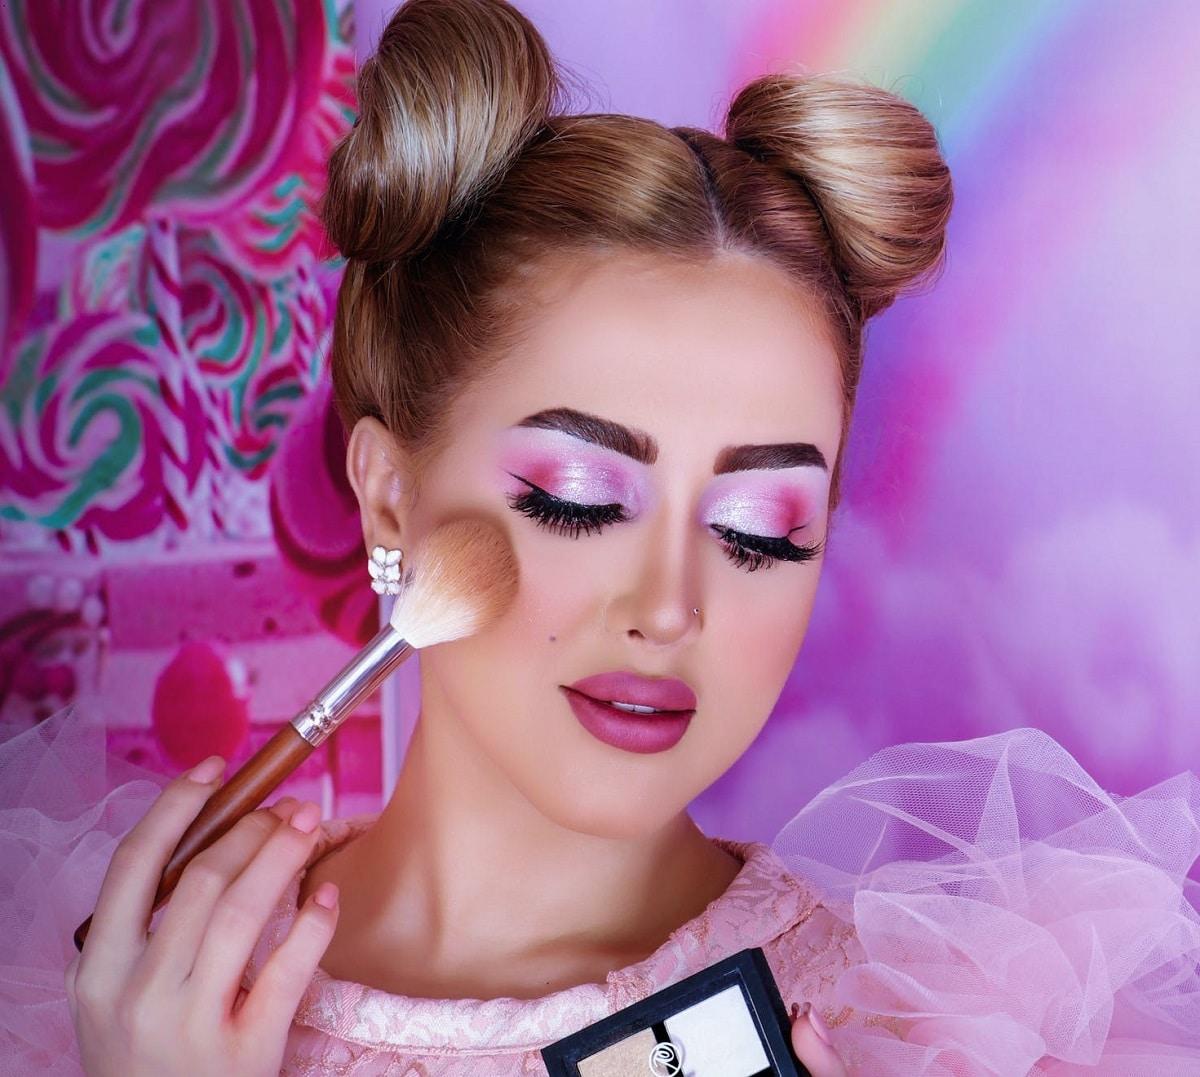 Corregir maquillaje